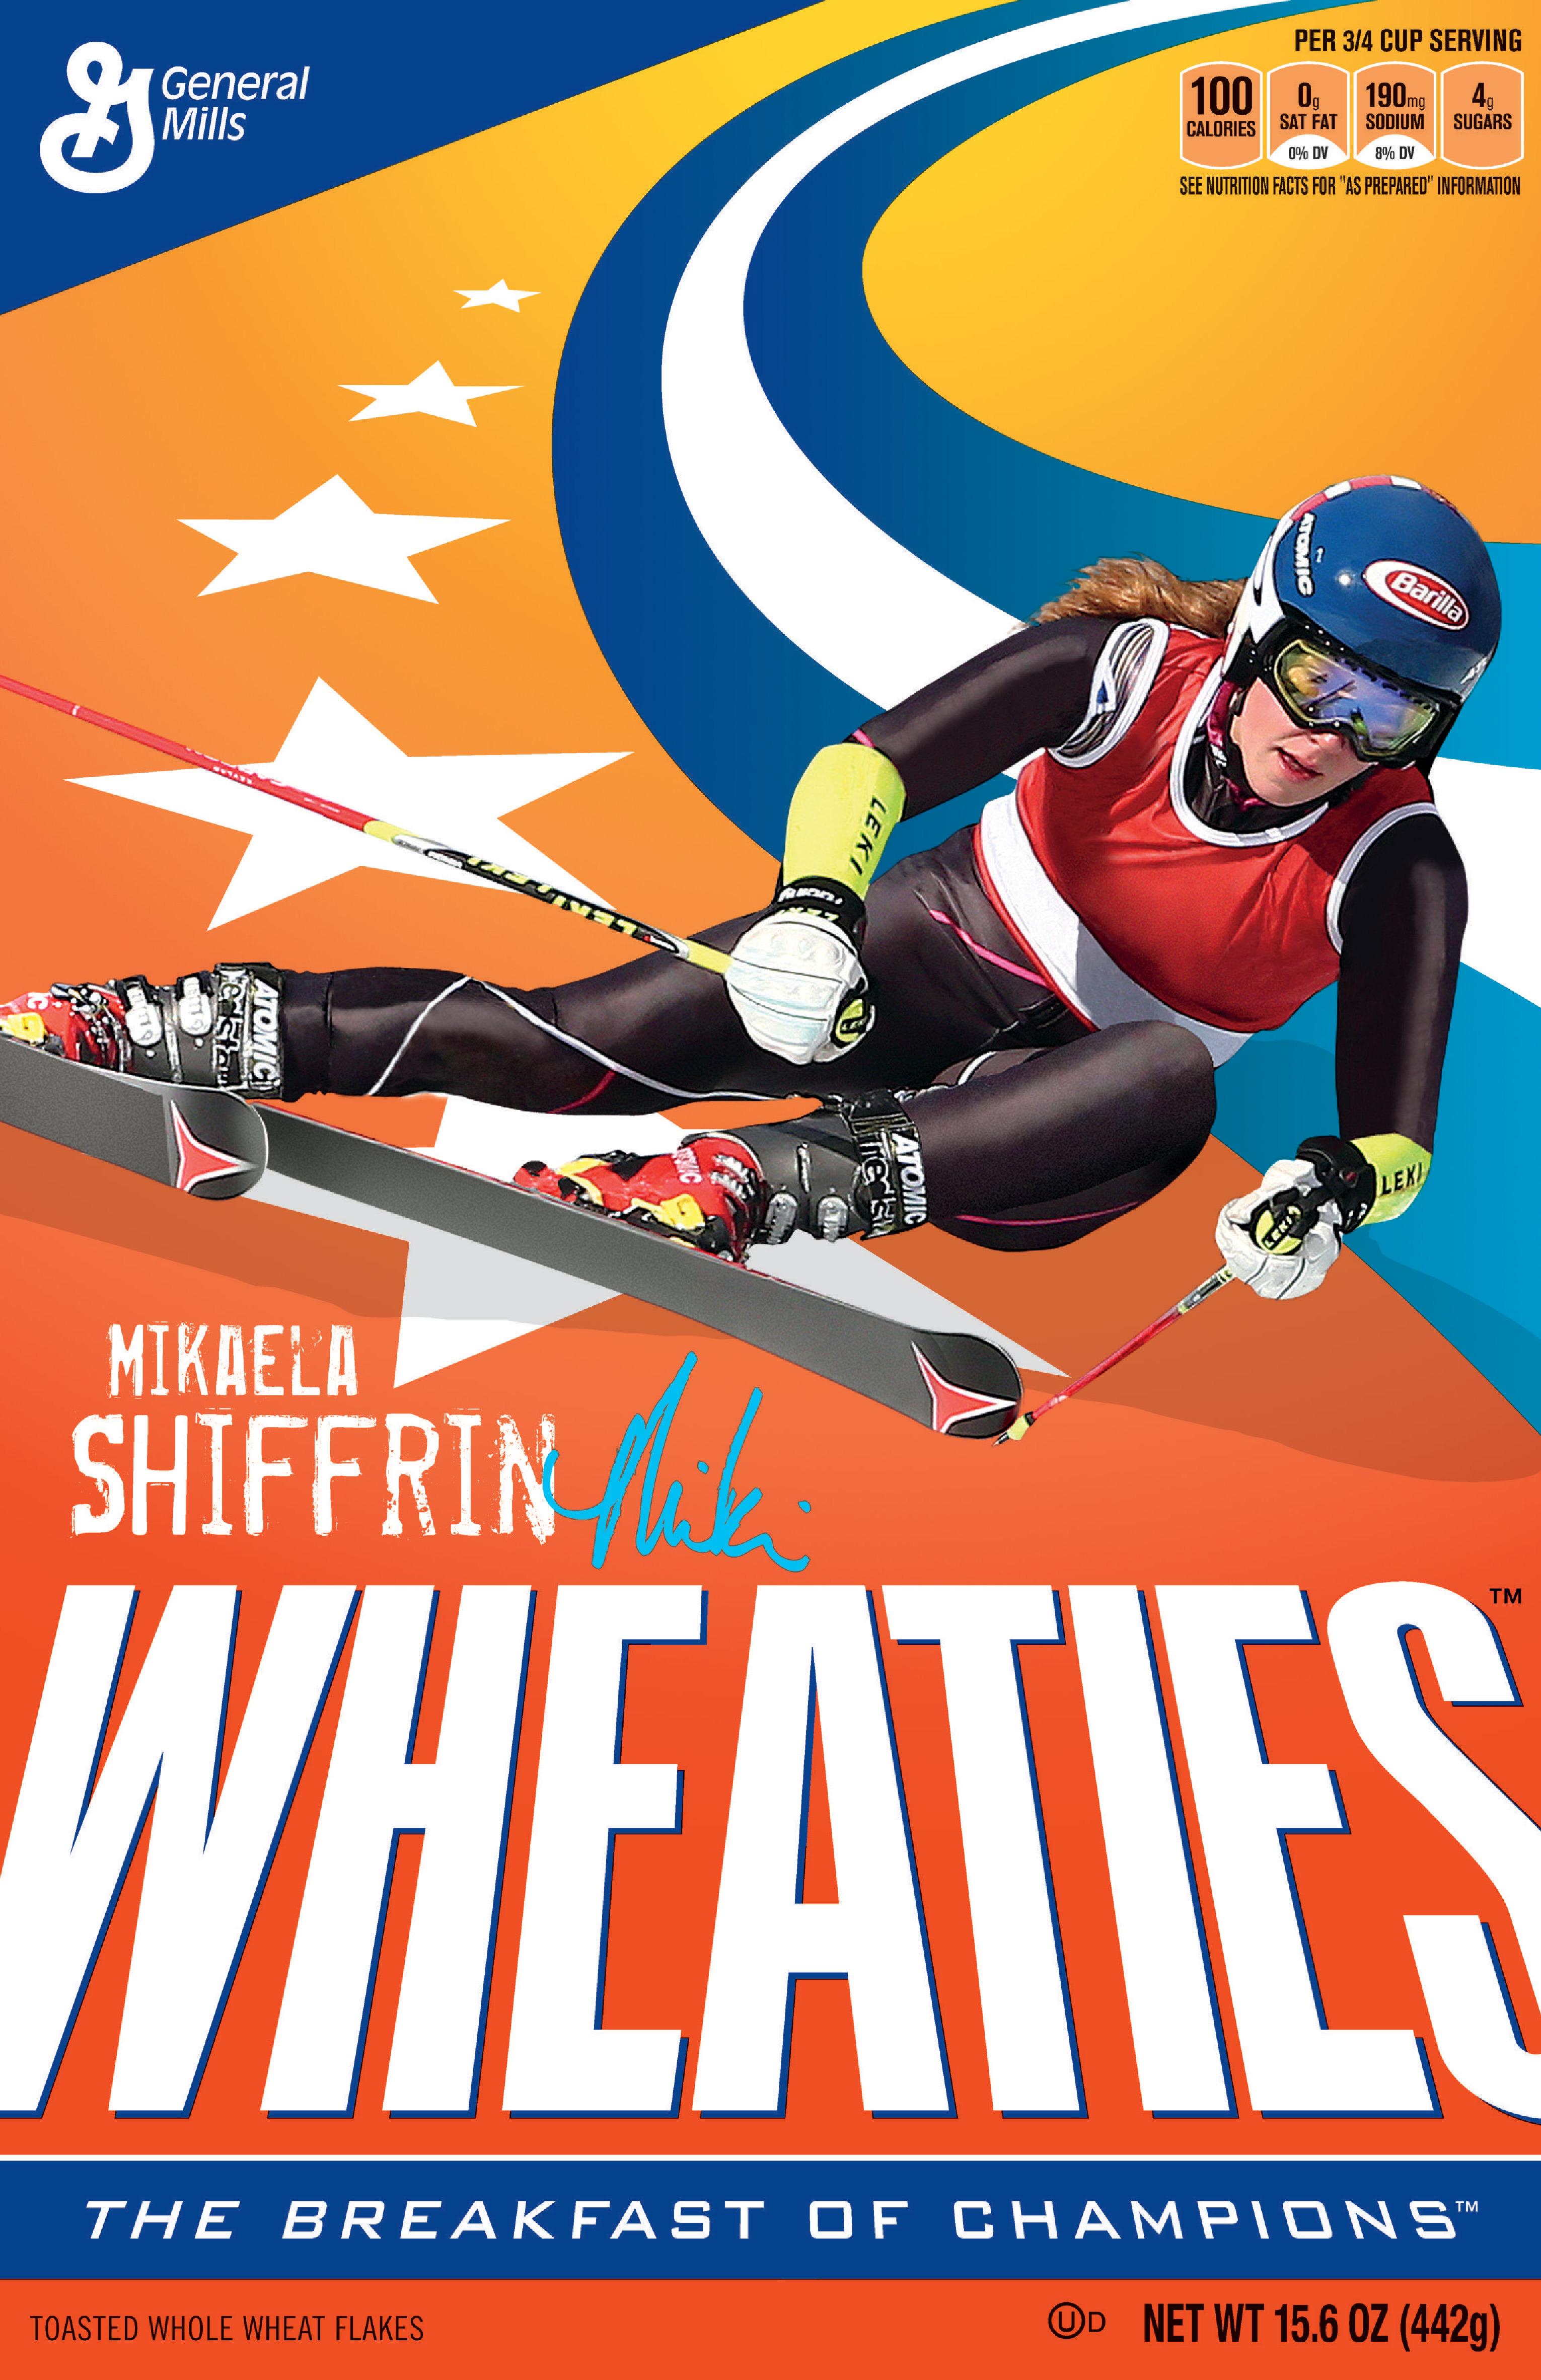 Mikaela Shiffrin on the Wheaties box.